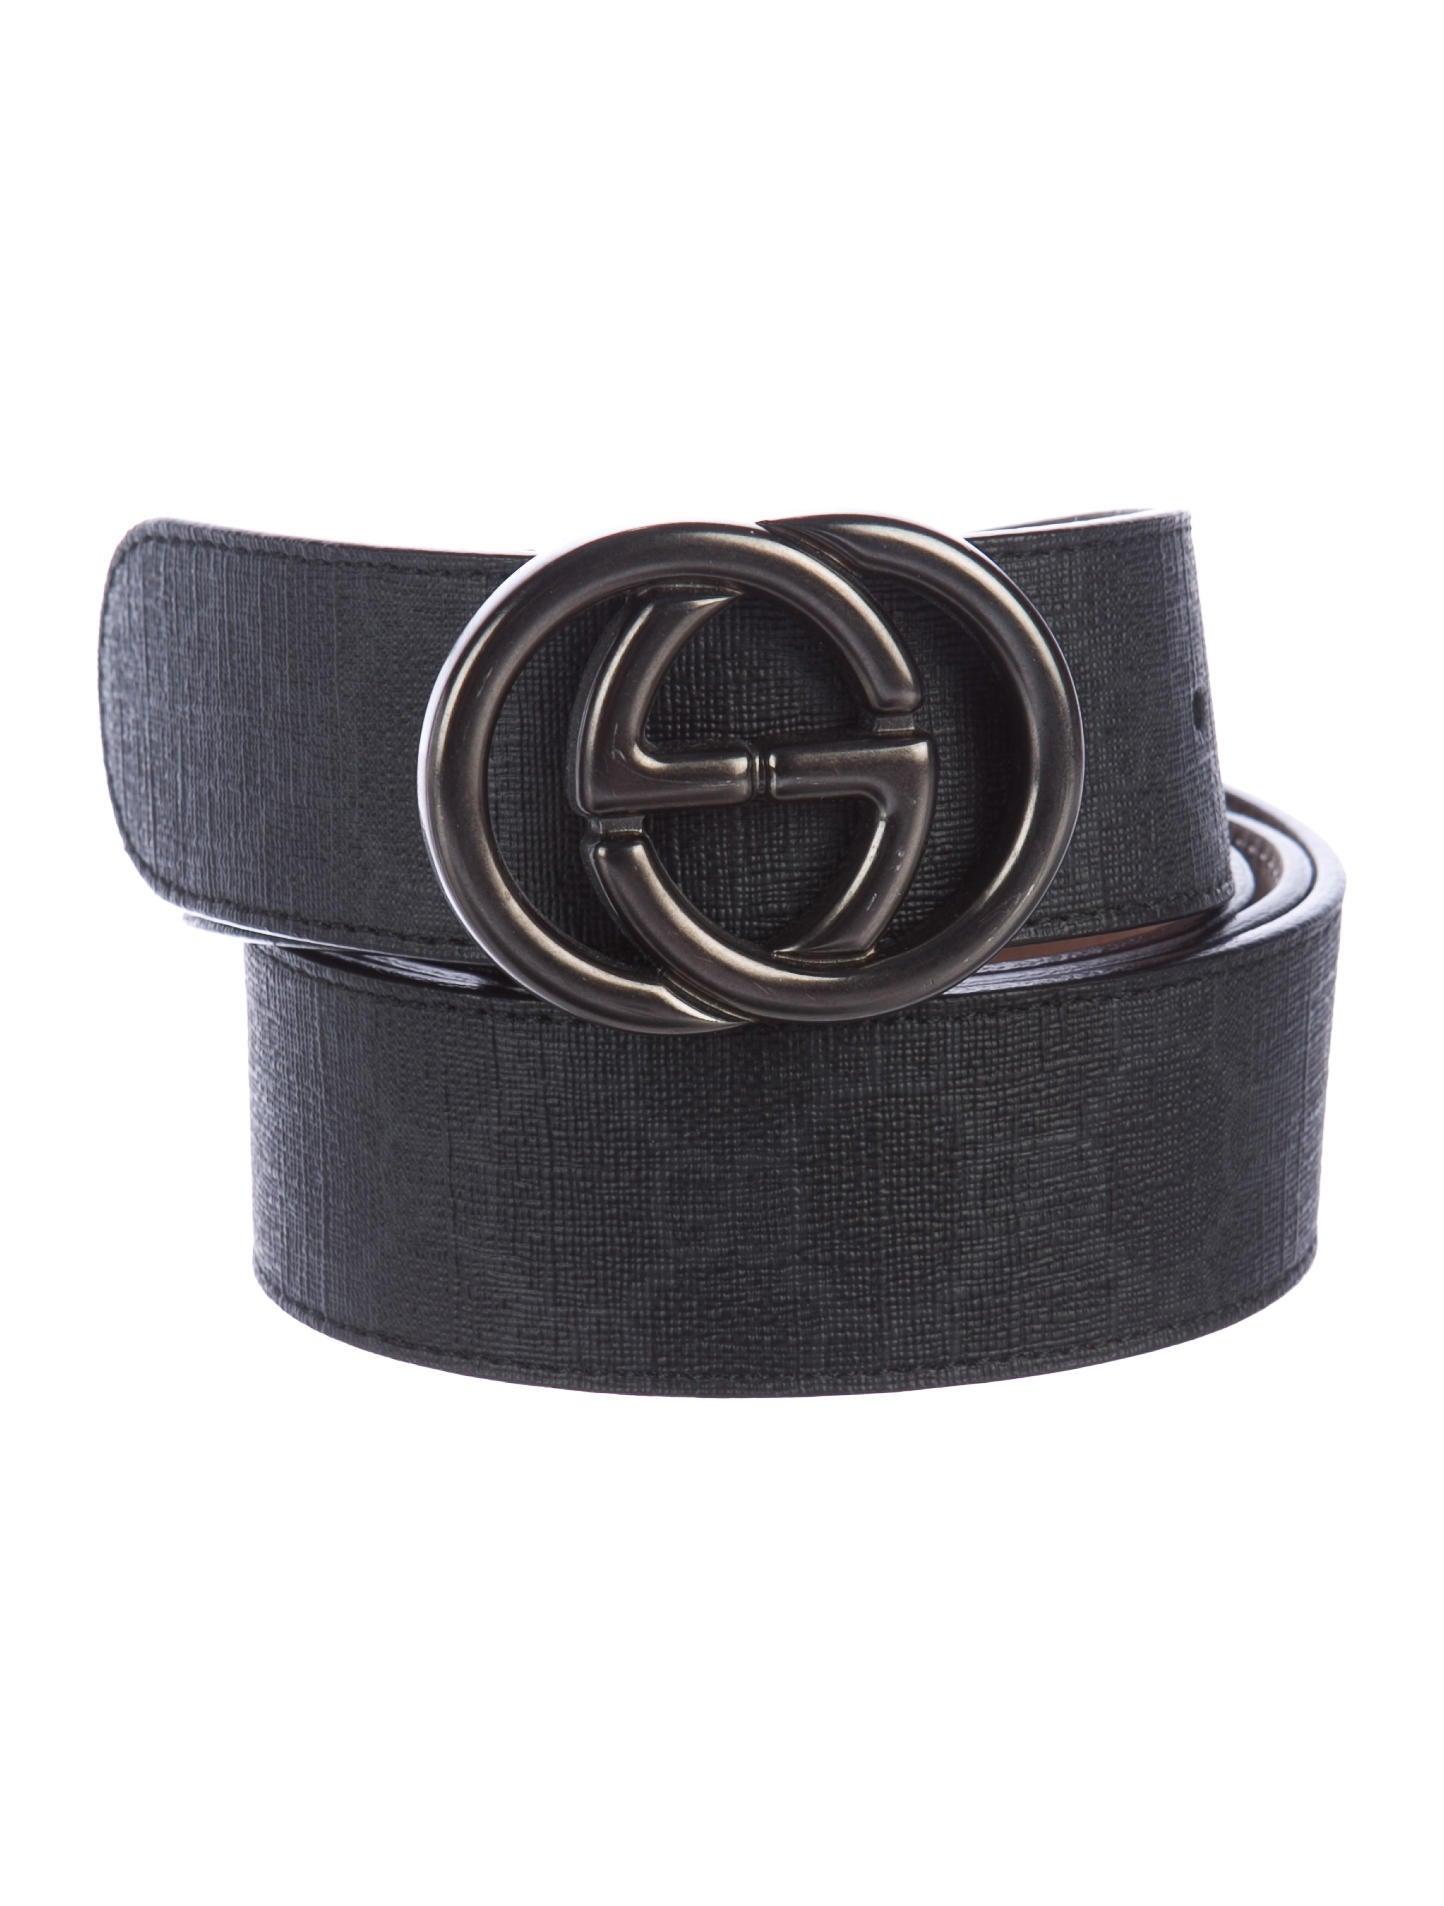 ee19a1afc9a8 Gucci GG Supreme Belt - Accessories - GUC166334